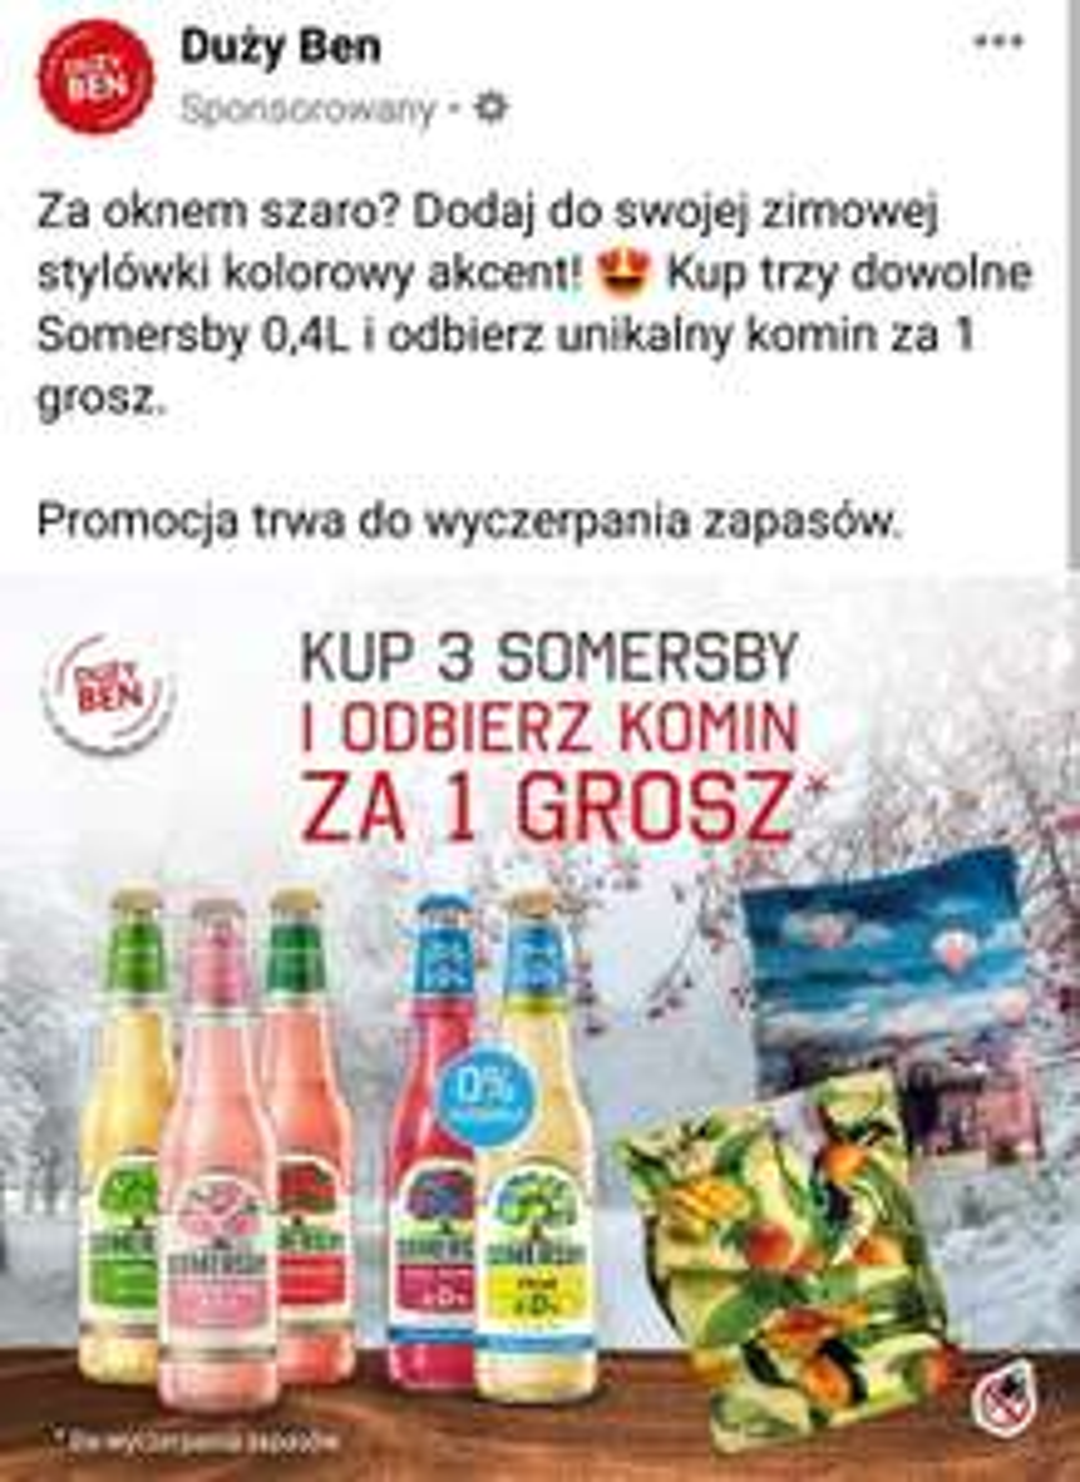 3 somersby= komin za 1 grosz